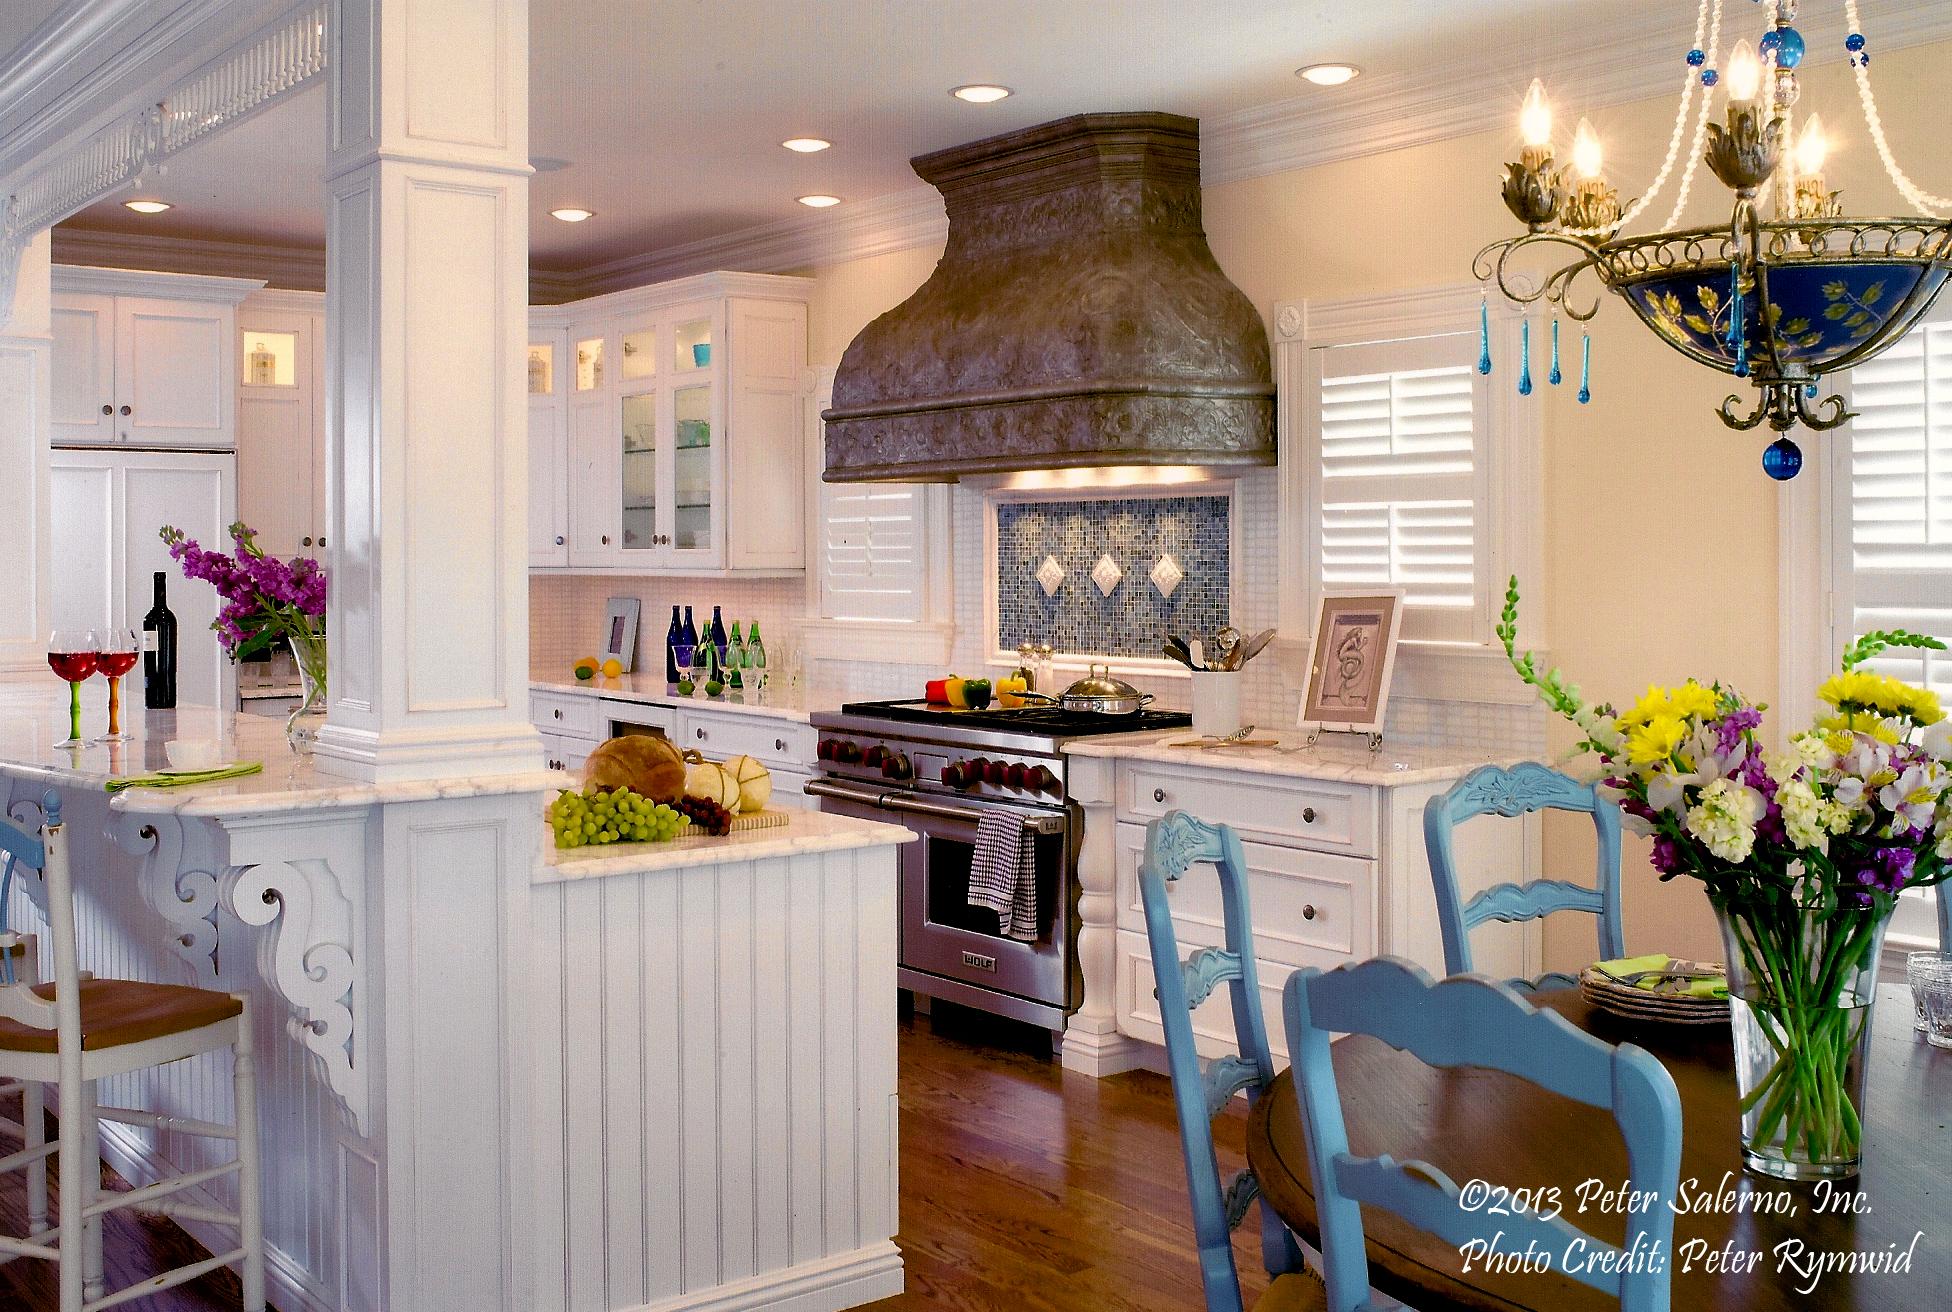 Best Kitchen Gallery: Rangecraft Design Your Lifestyle of Beach Cottage Kitchen Hood Designs on rachelxblog.com